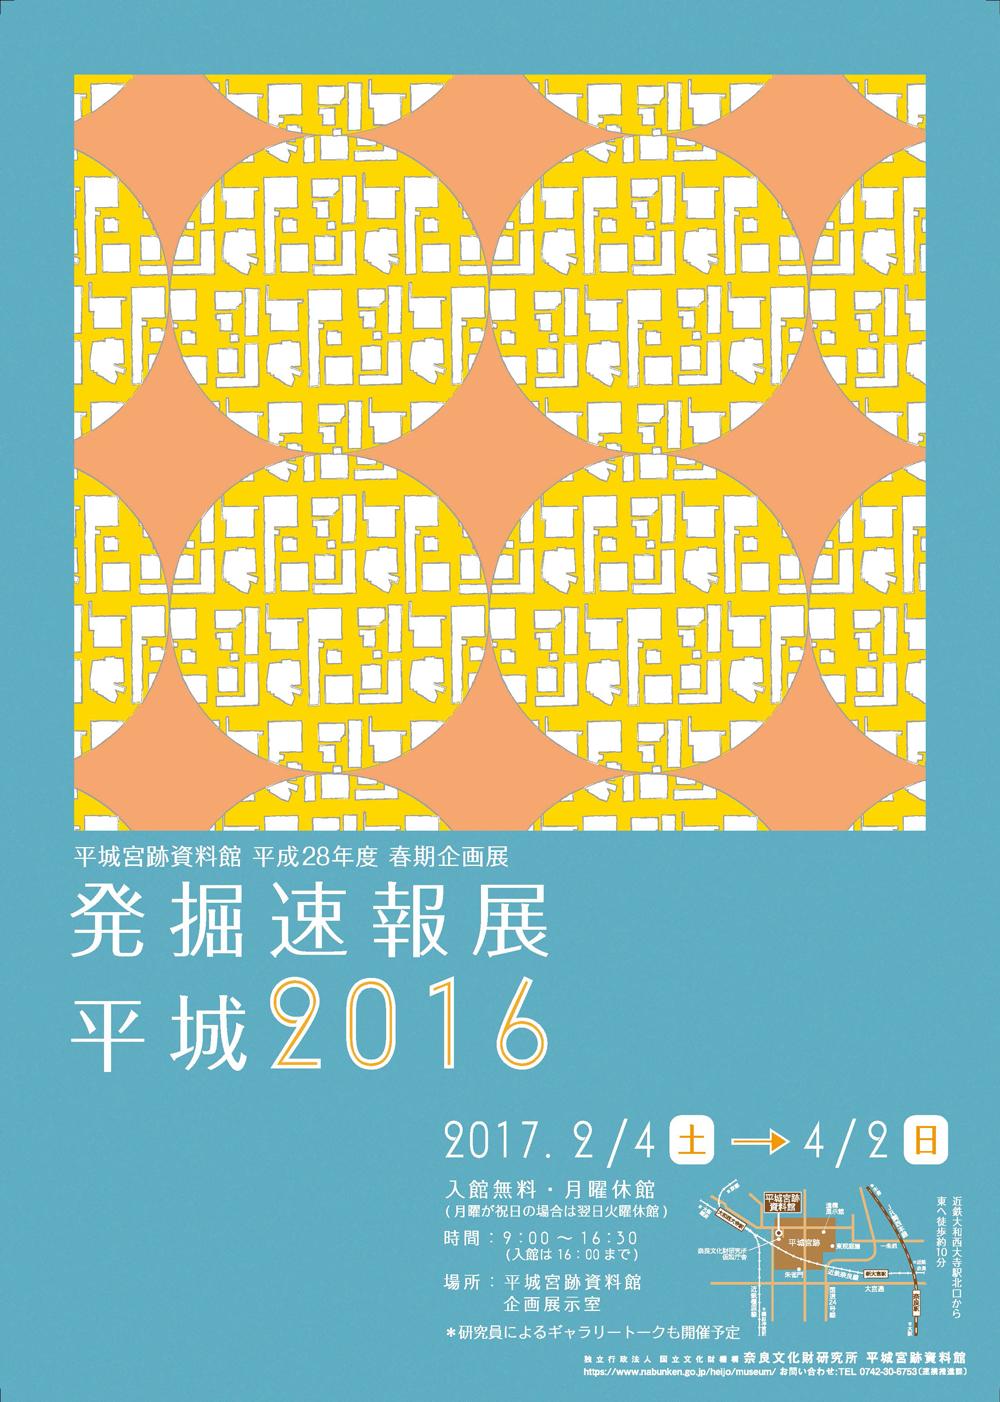 発掘速報展2016.jpg